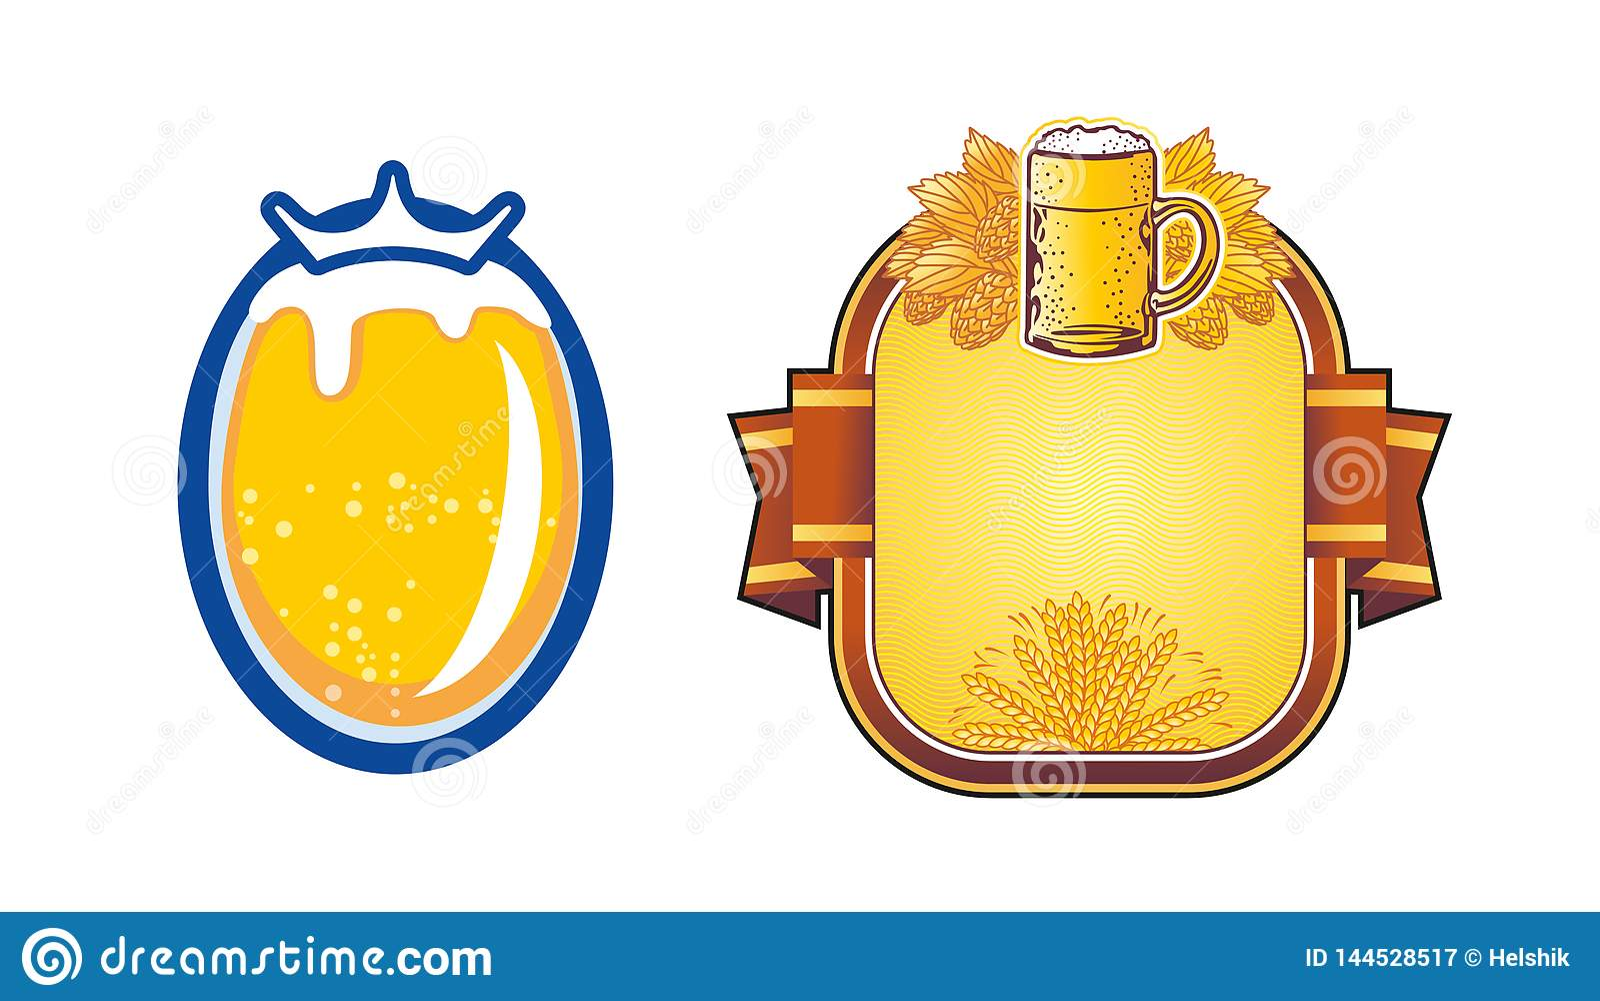 Κούπα μπύρας ασπίδων με τους κλάδους λυκίσκου διάνυσμα